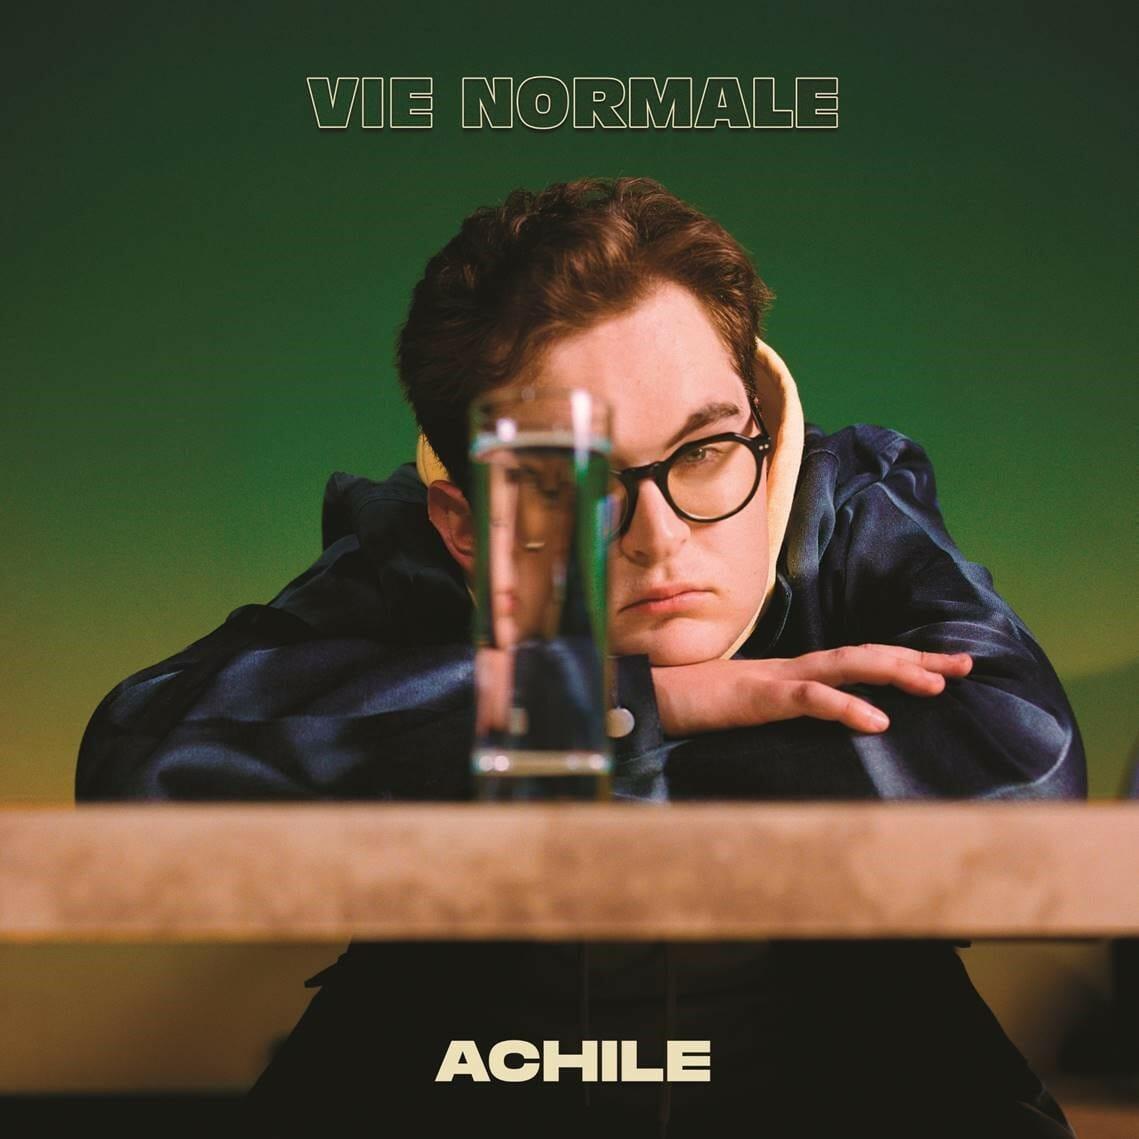 achile vie normale album cover